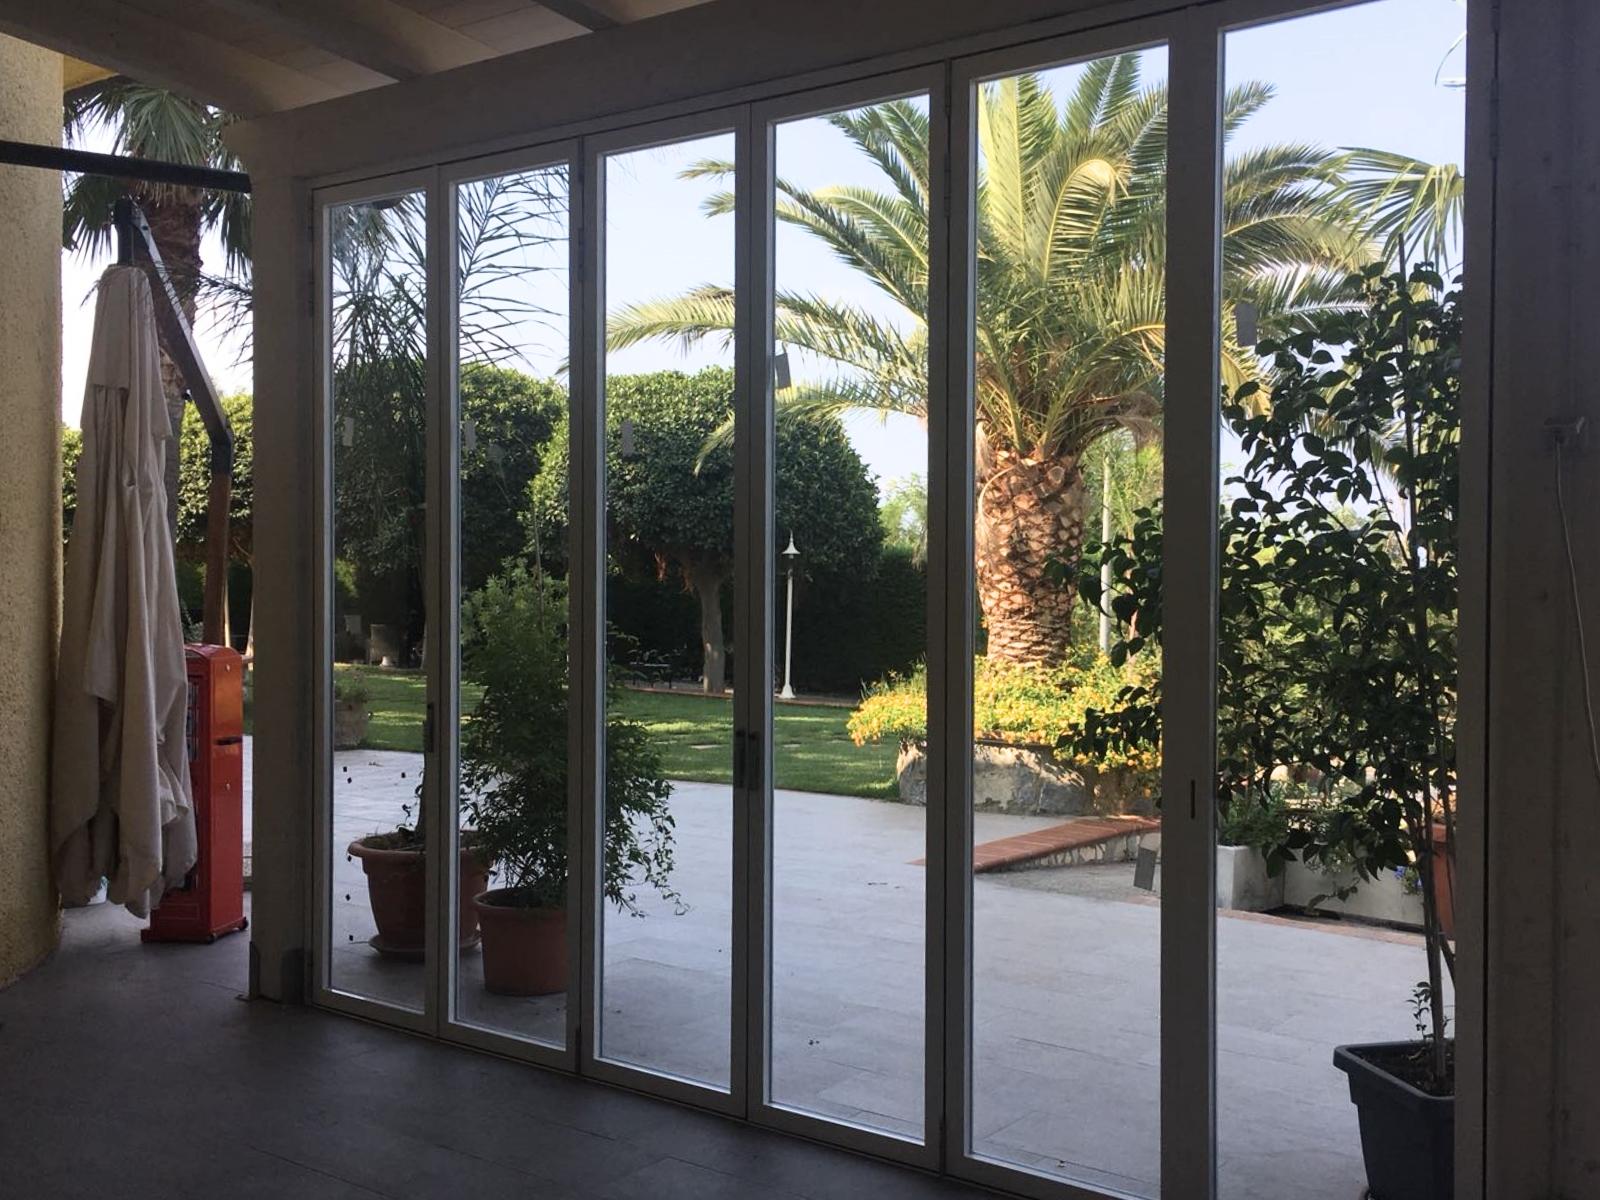 Coprire Terrazzo Con Veranda finestre per verande a libro: soluzioni salvaspazio